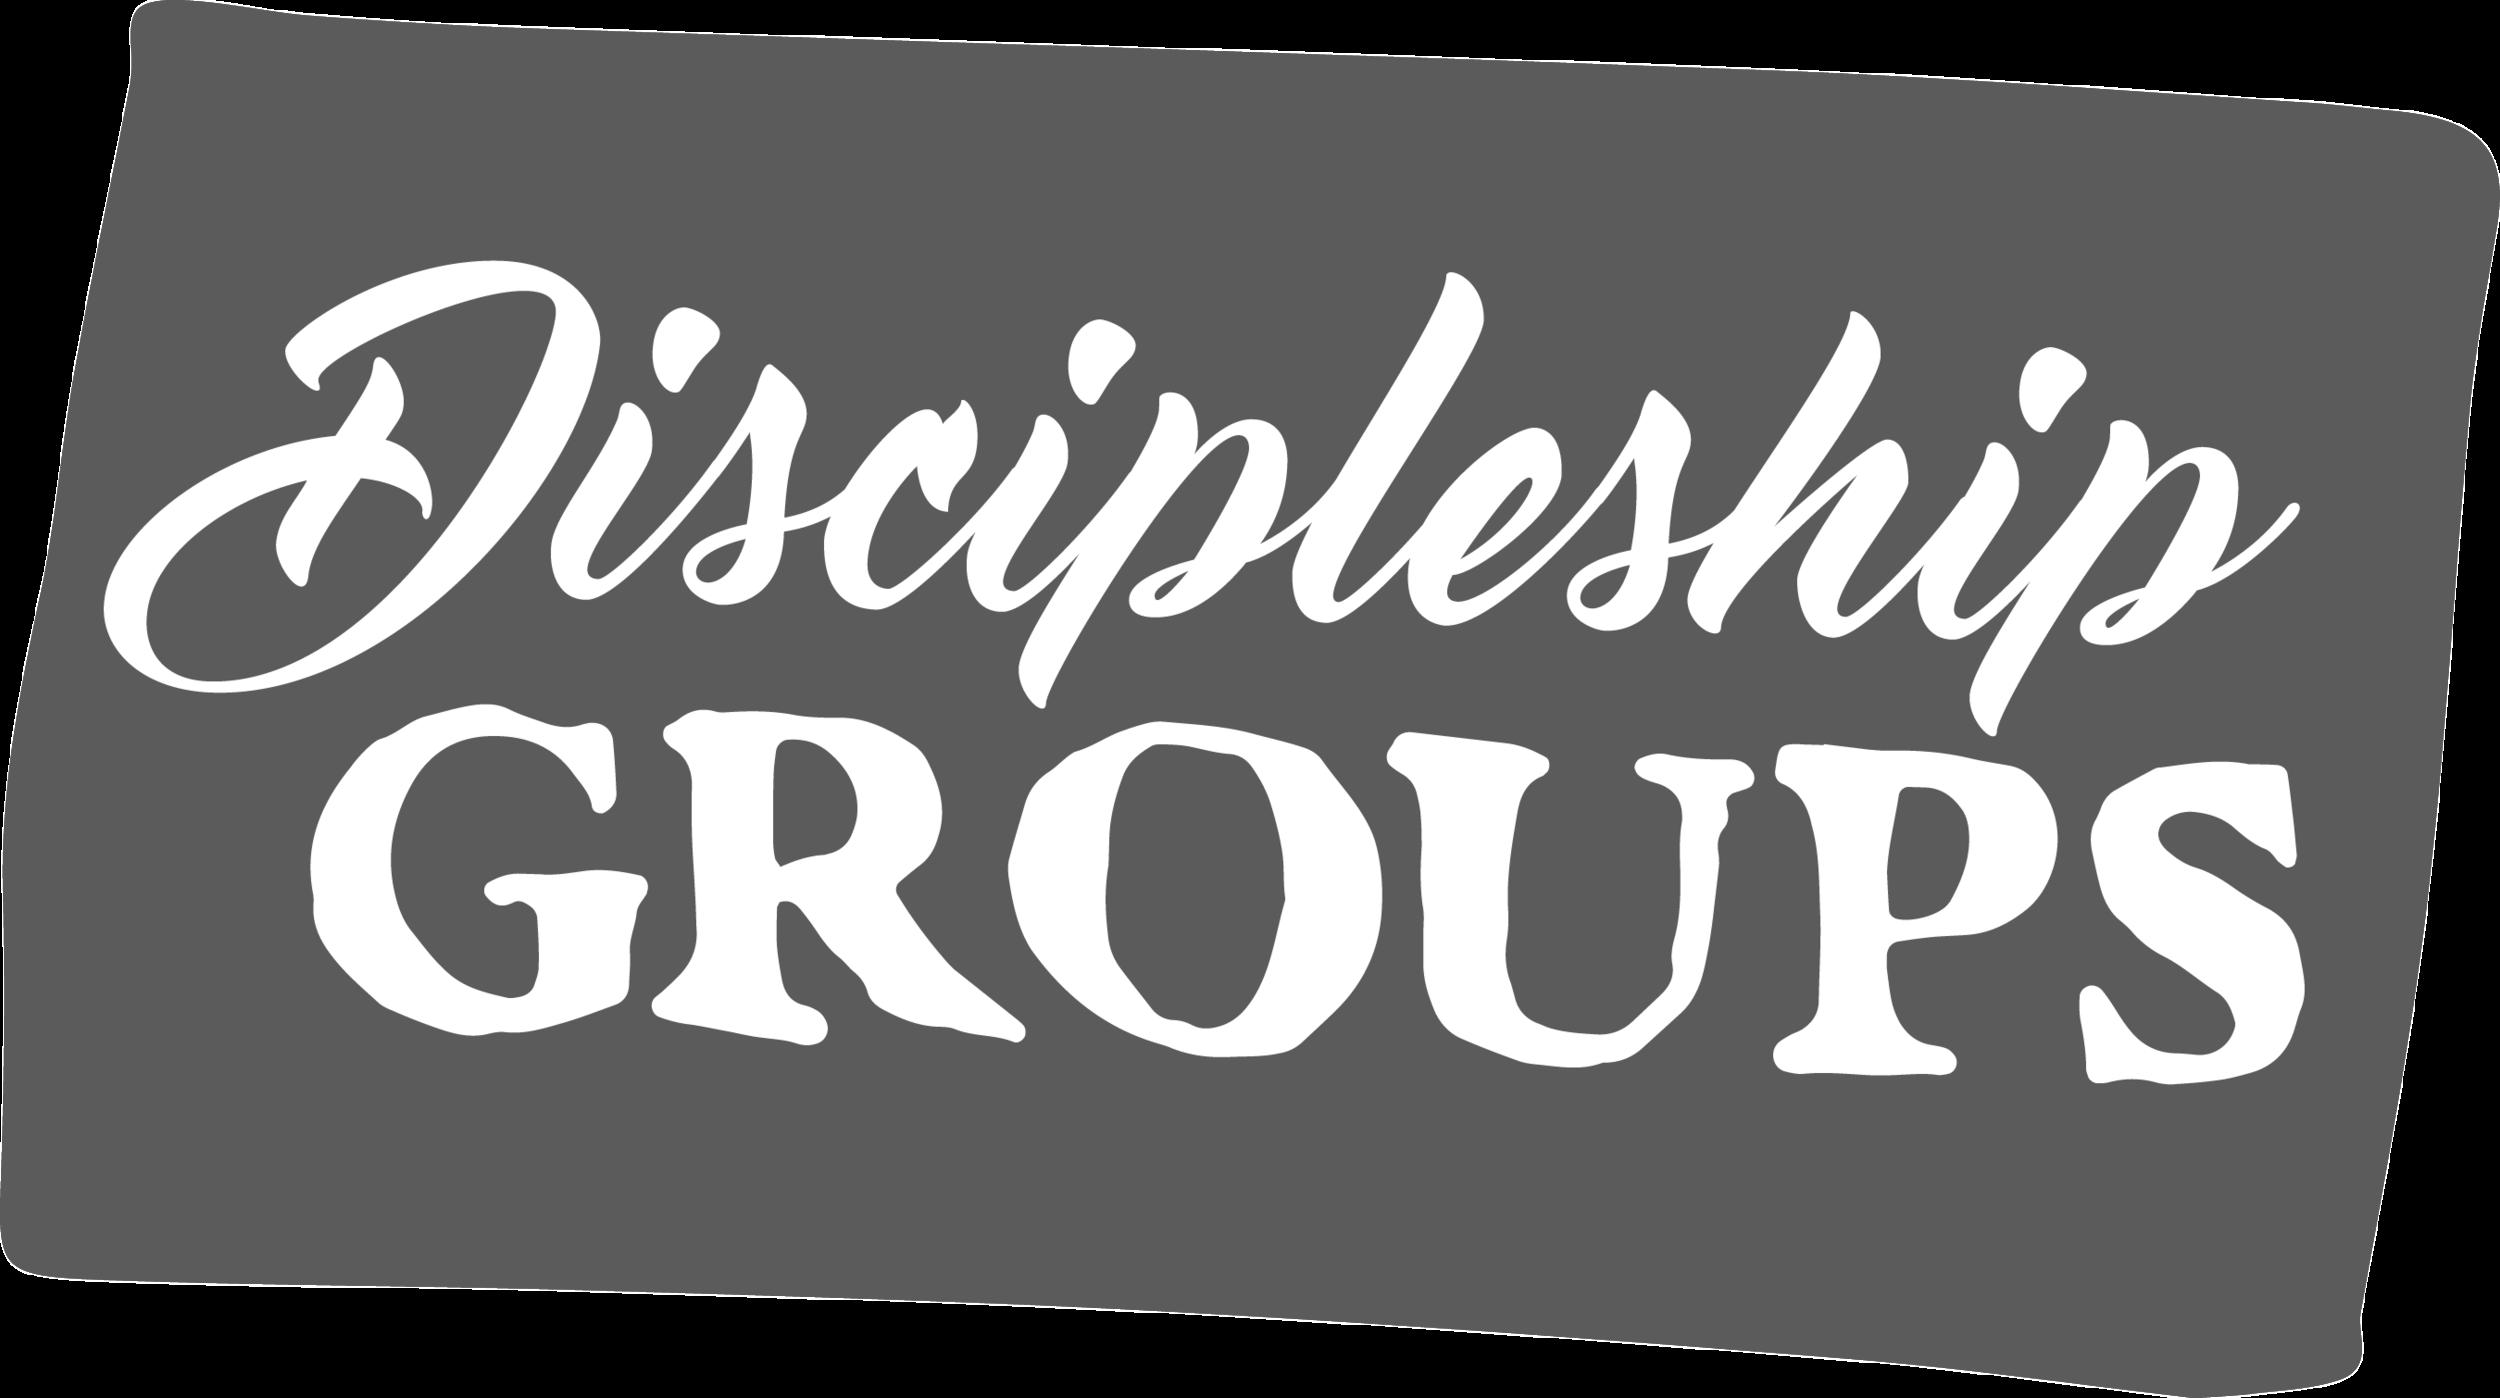 discipleship groups grey 800x800.png